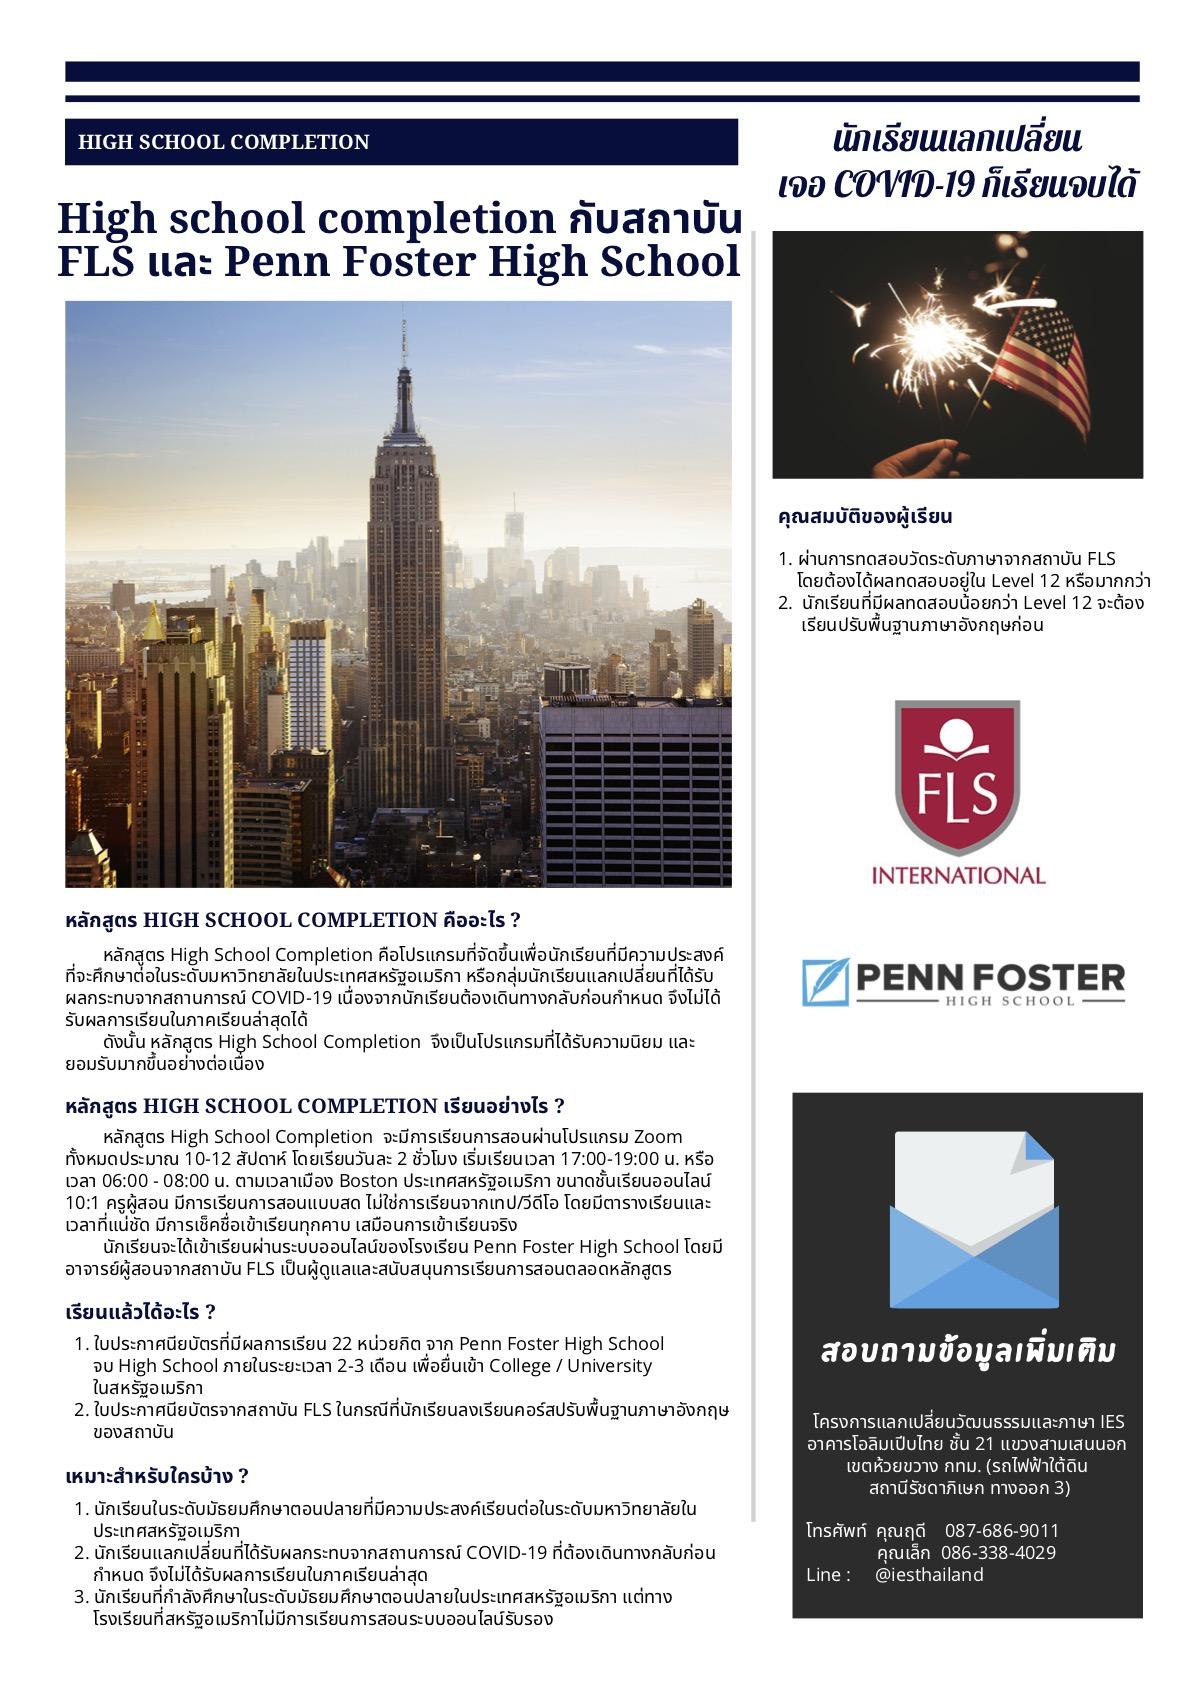 FLS PDF